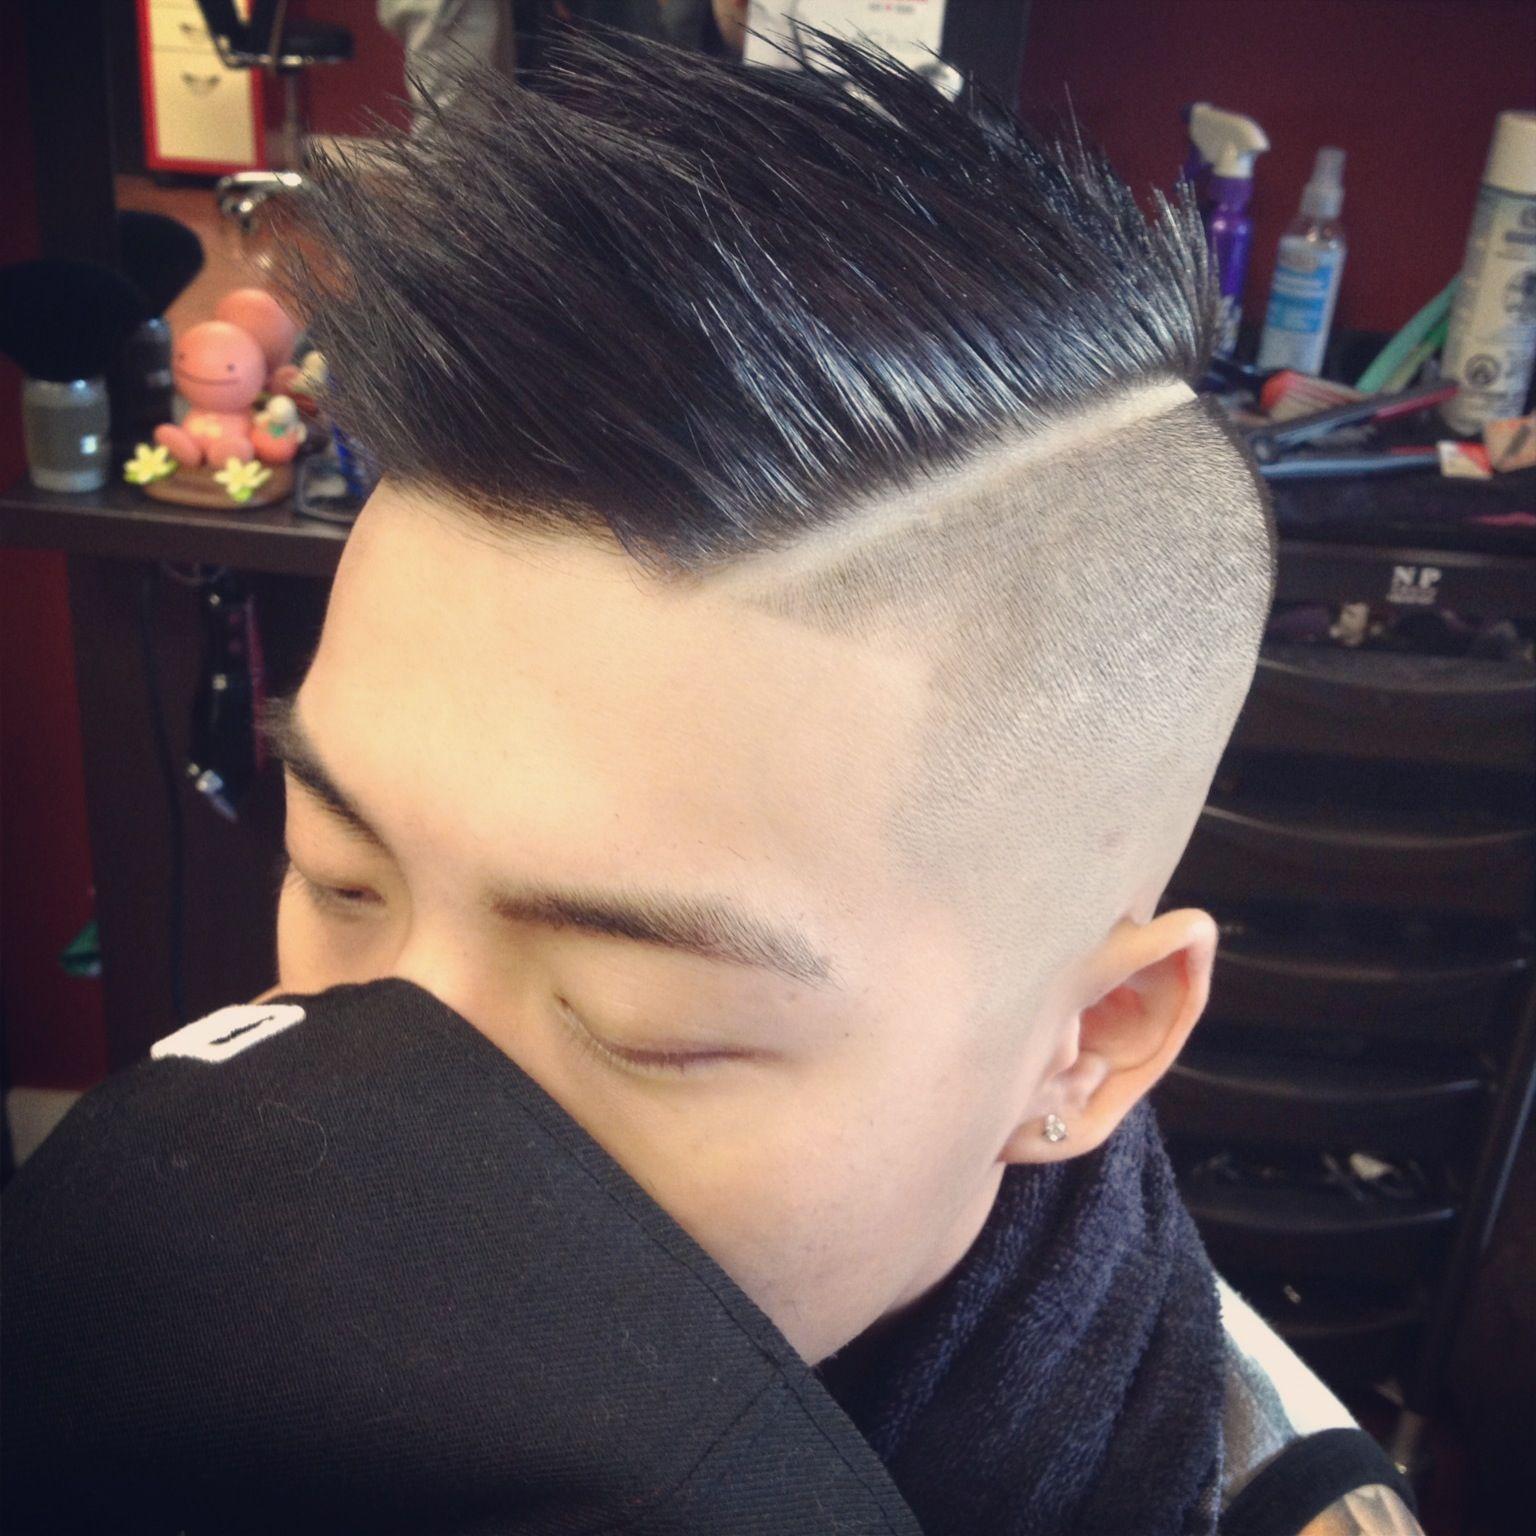 Mens haircut Faded sides Asian hair Hardpart Jj haircut ideas